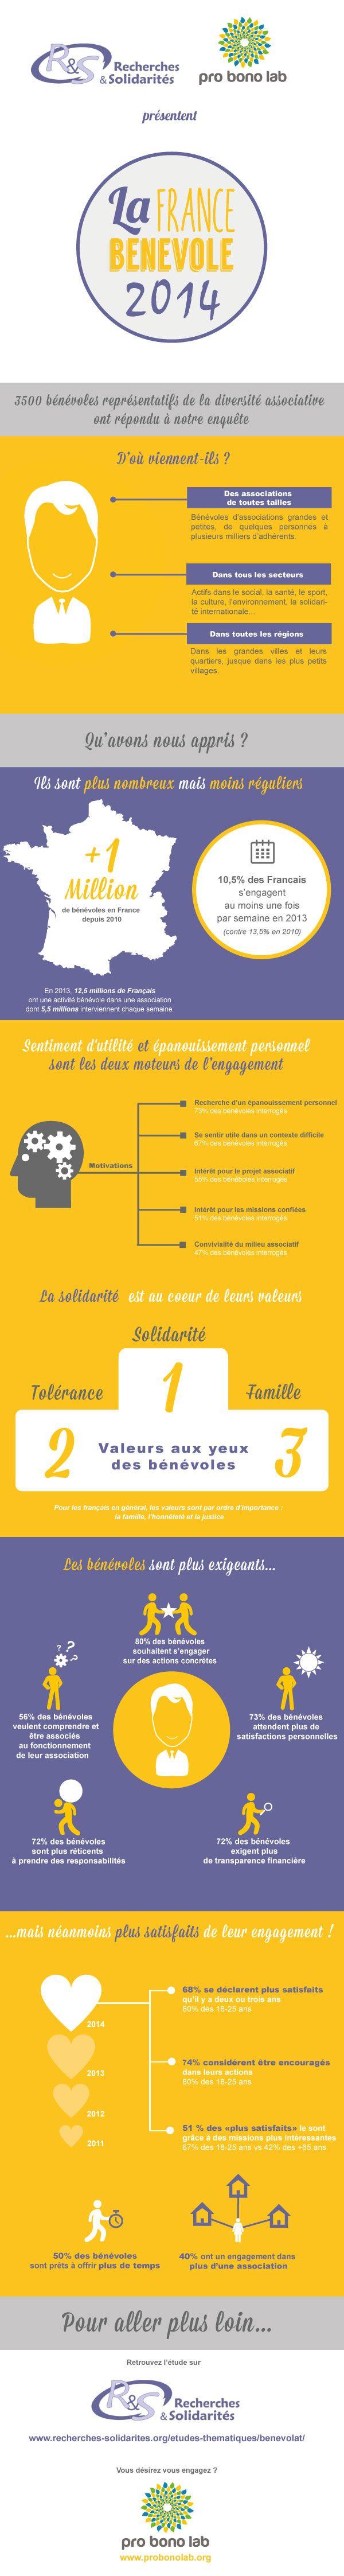 """Etude """"la France bénévole 2014"""" - chiffres clés. par Recherches & Solidarités, Prono Bono Lab"""